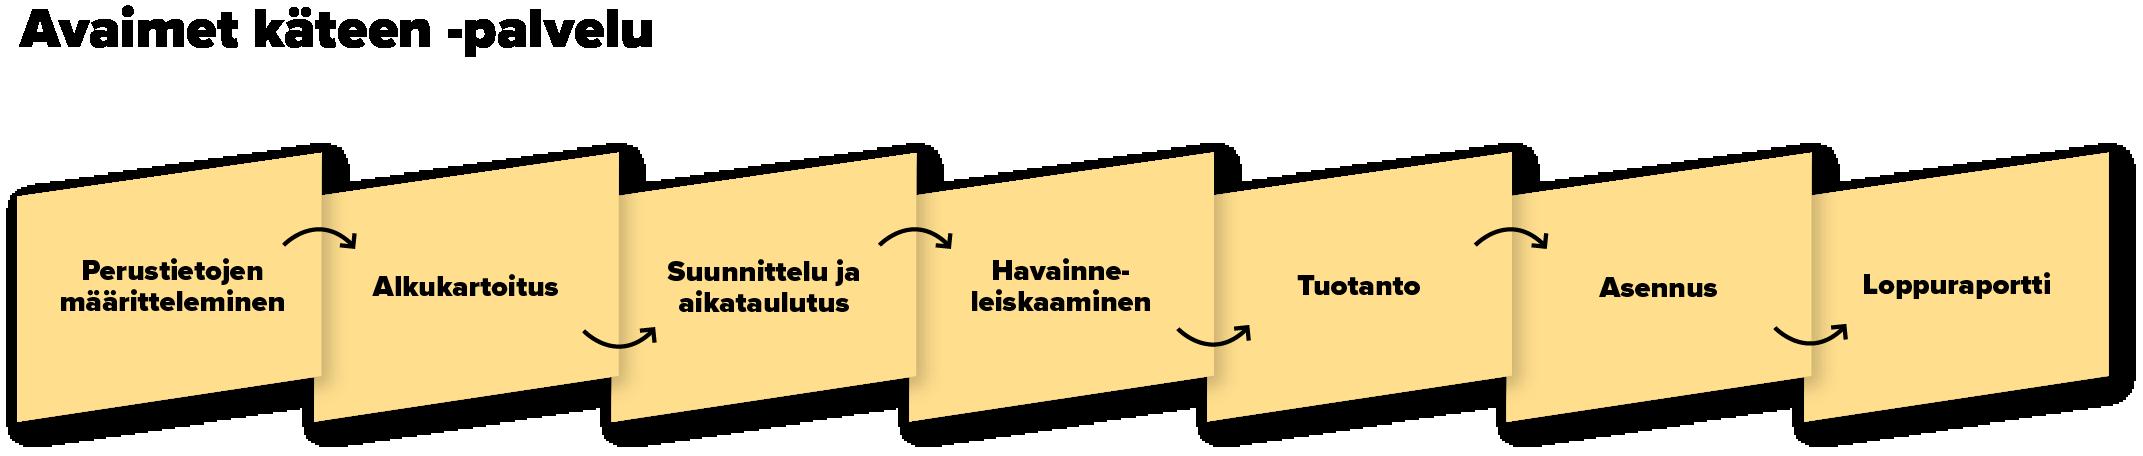 grano_suurkuvatuotteet-prosessikaavio_vaalkeltainen